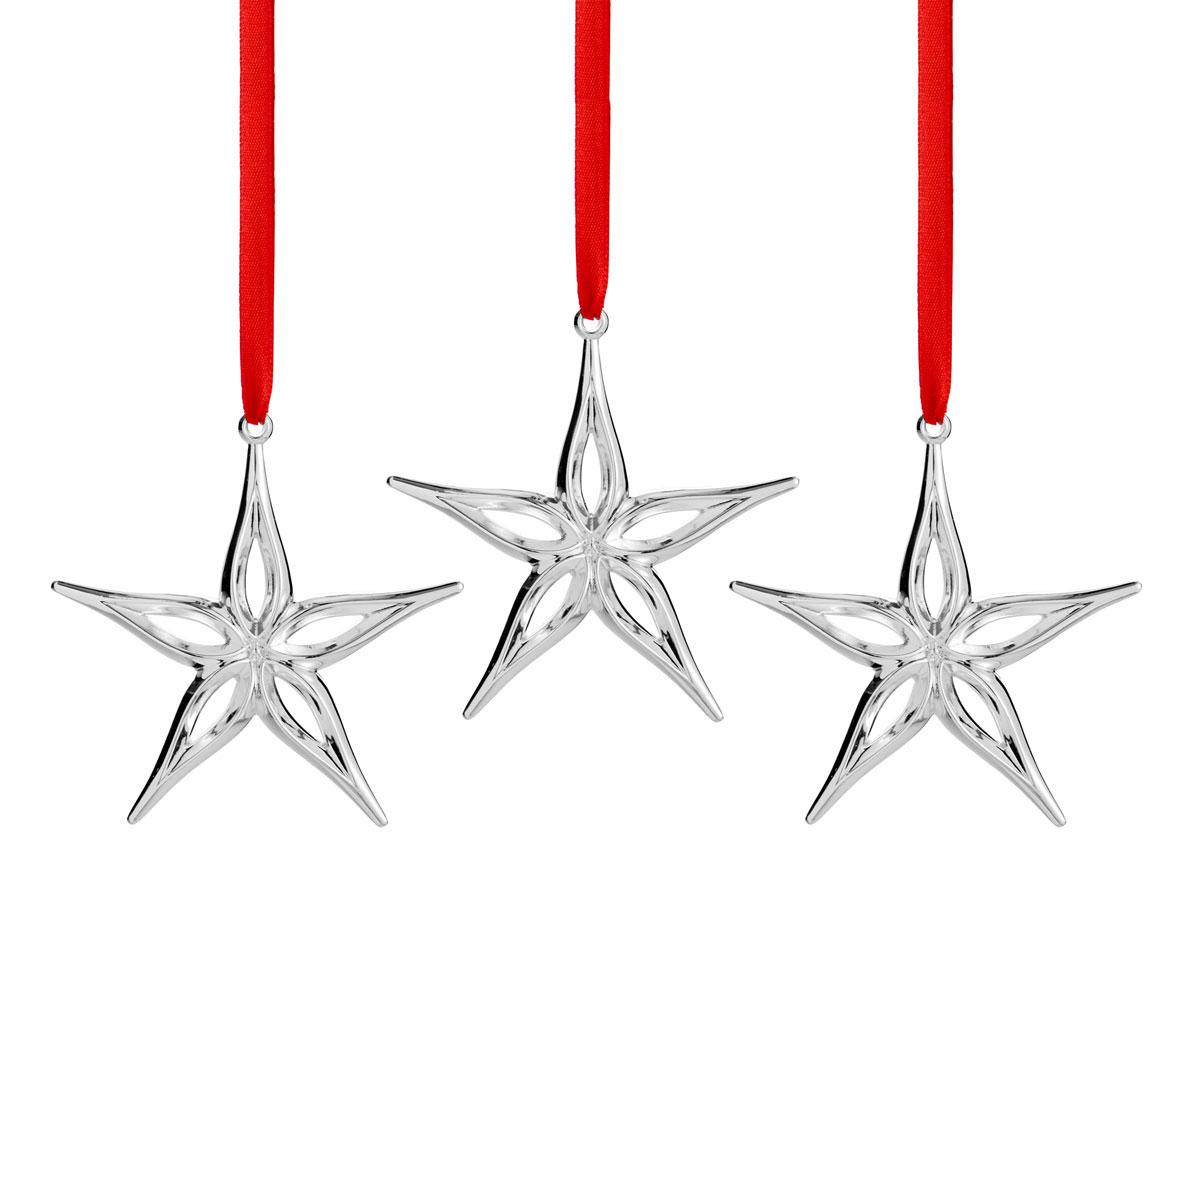 Nambe Mini Classic Modern Star Ornament, Set of Three